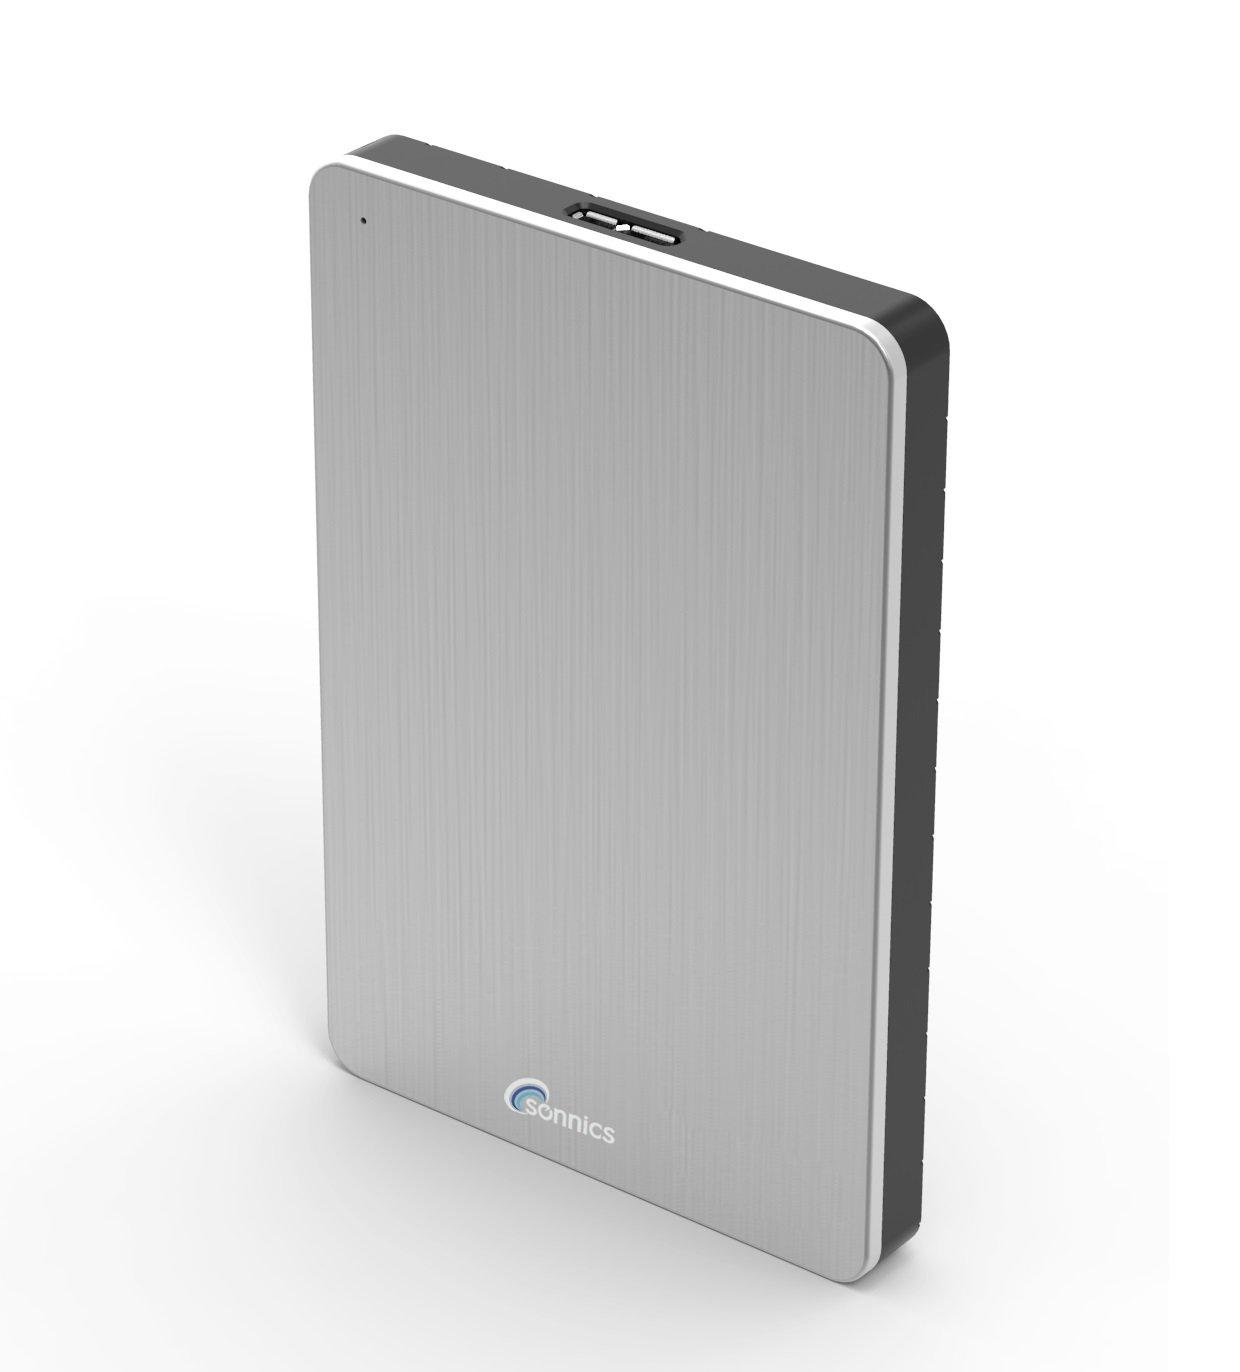 Sonnics 250GB Plata Disco duro externo port/átil USB 3.0 de alta velocidad de transferencia para uso con Windows PC Apple Mac y XBOX 360